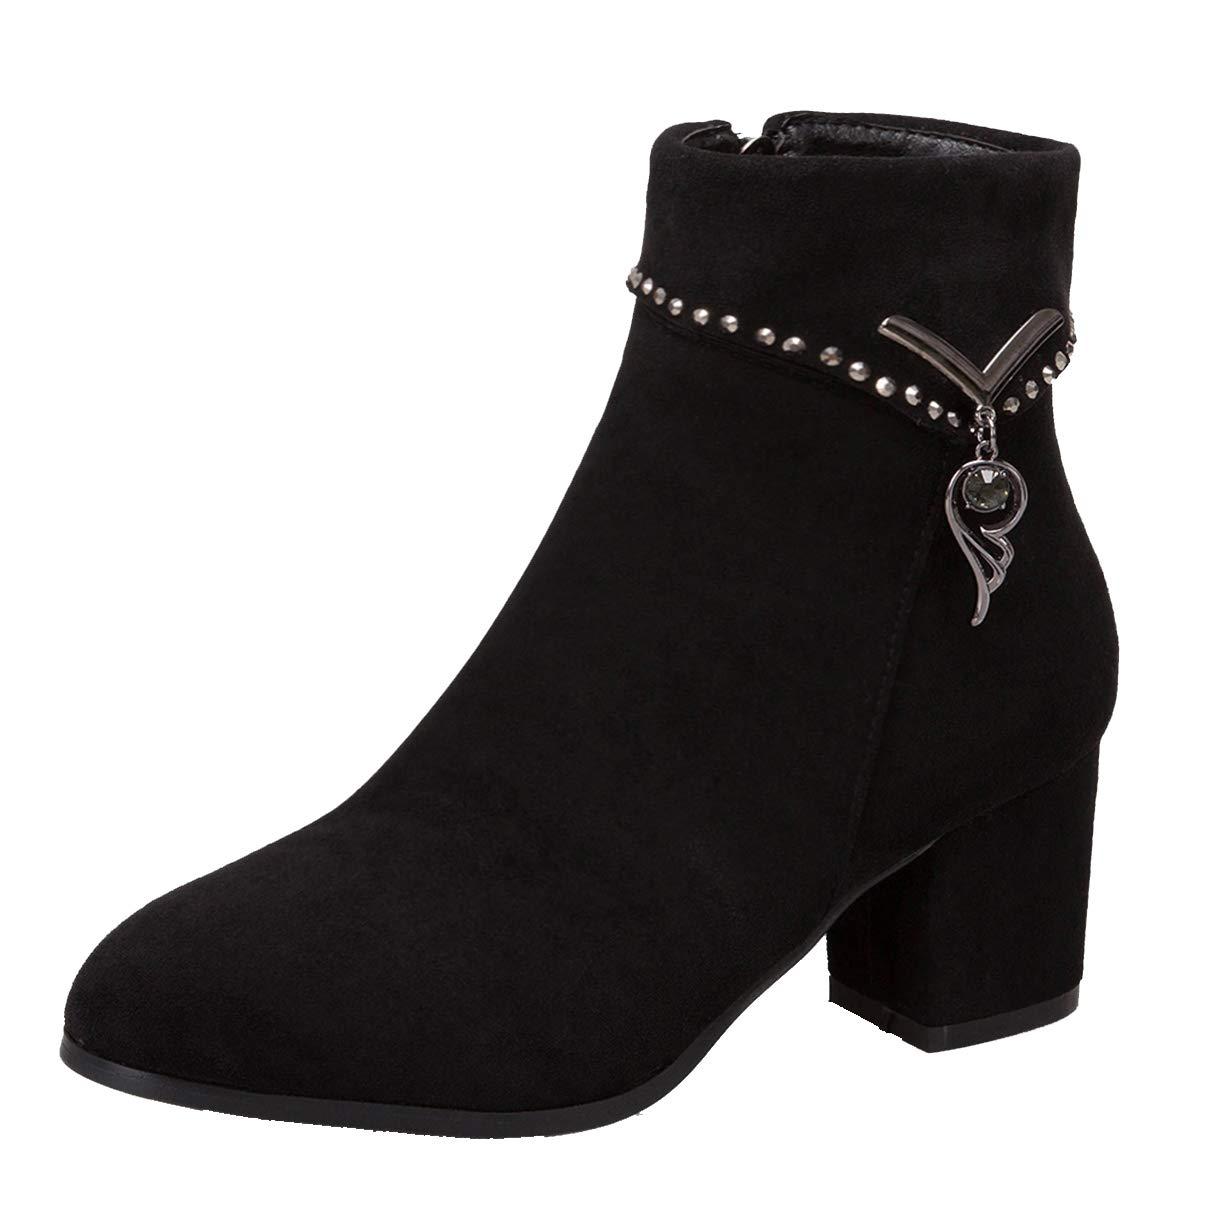 JYshoes Noir , Bottes Femme Classiques Femme Classiques Noir ae88b70 - piero.space